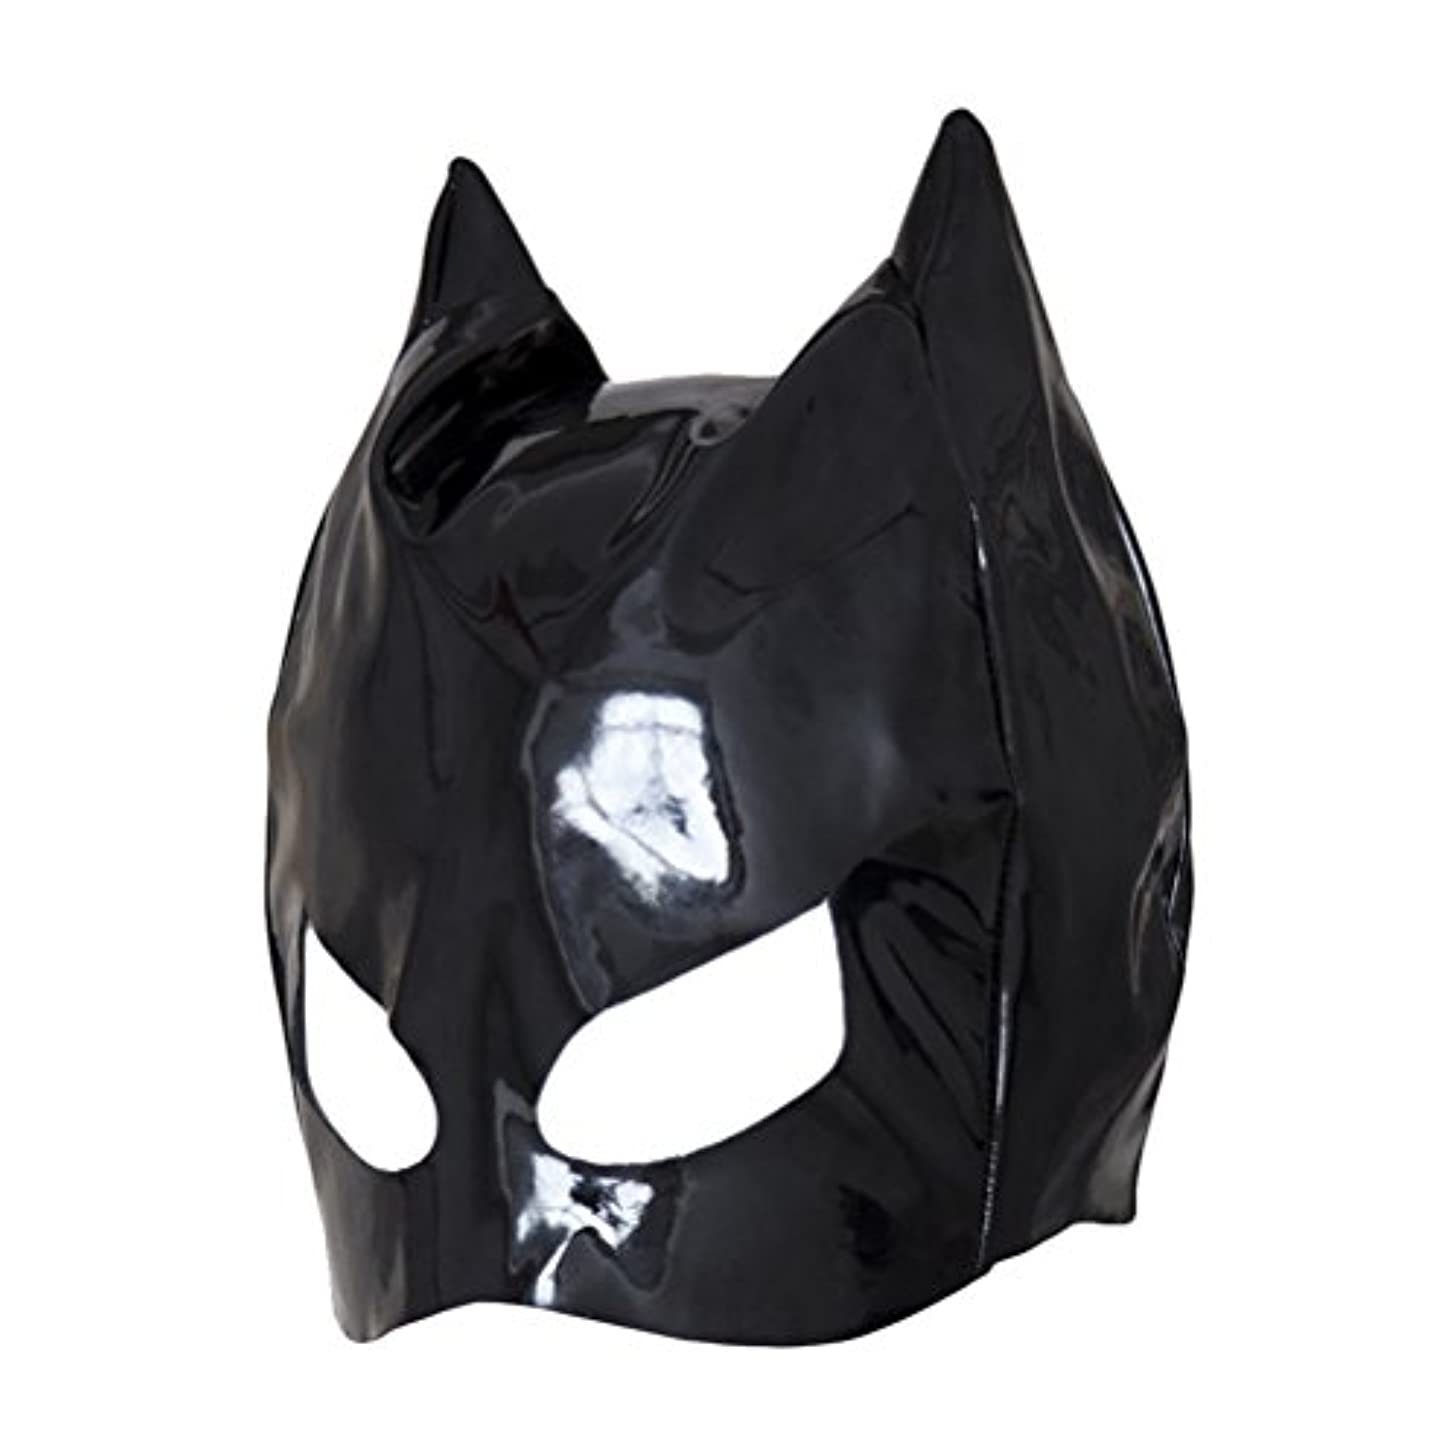 対セール毛布Healifty 全頭マスク フェイスカバー オープンアイズ PUレザーフード コスプレ 衣装帽子 ユニセックス (ブラック)